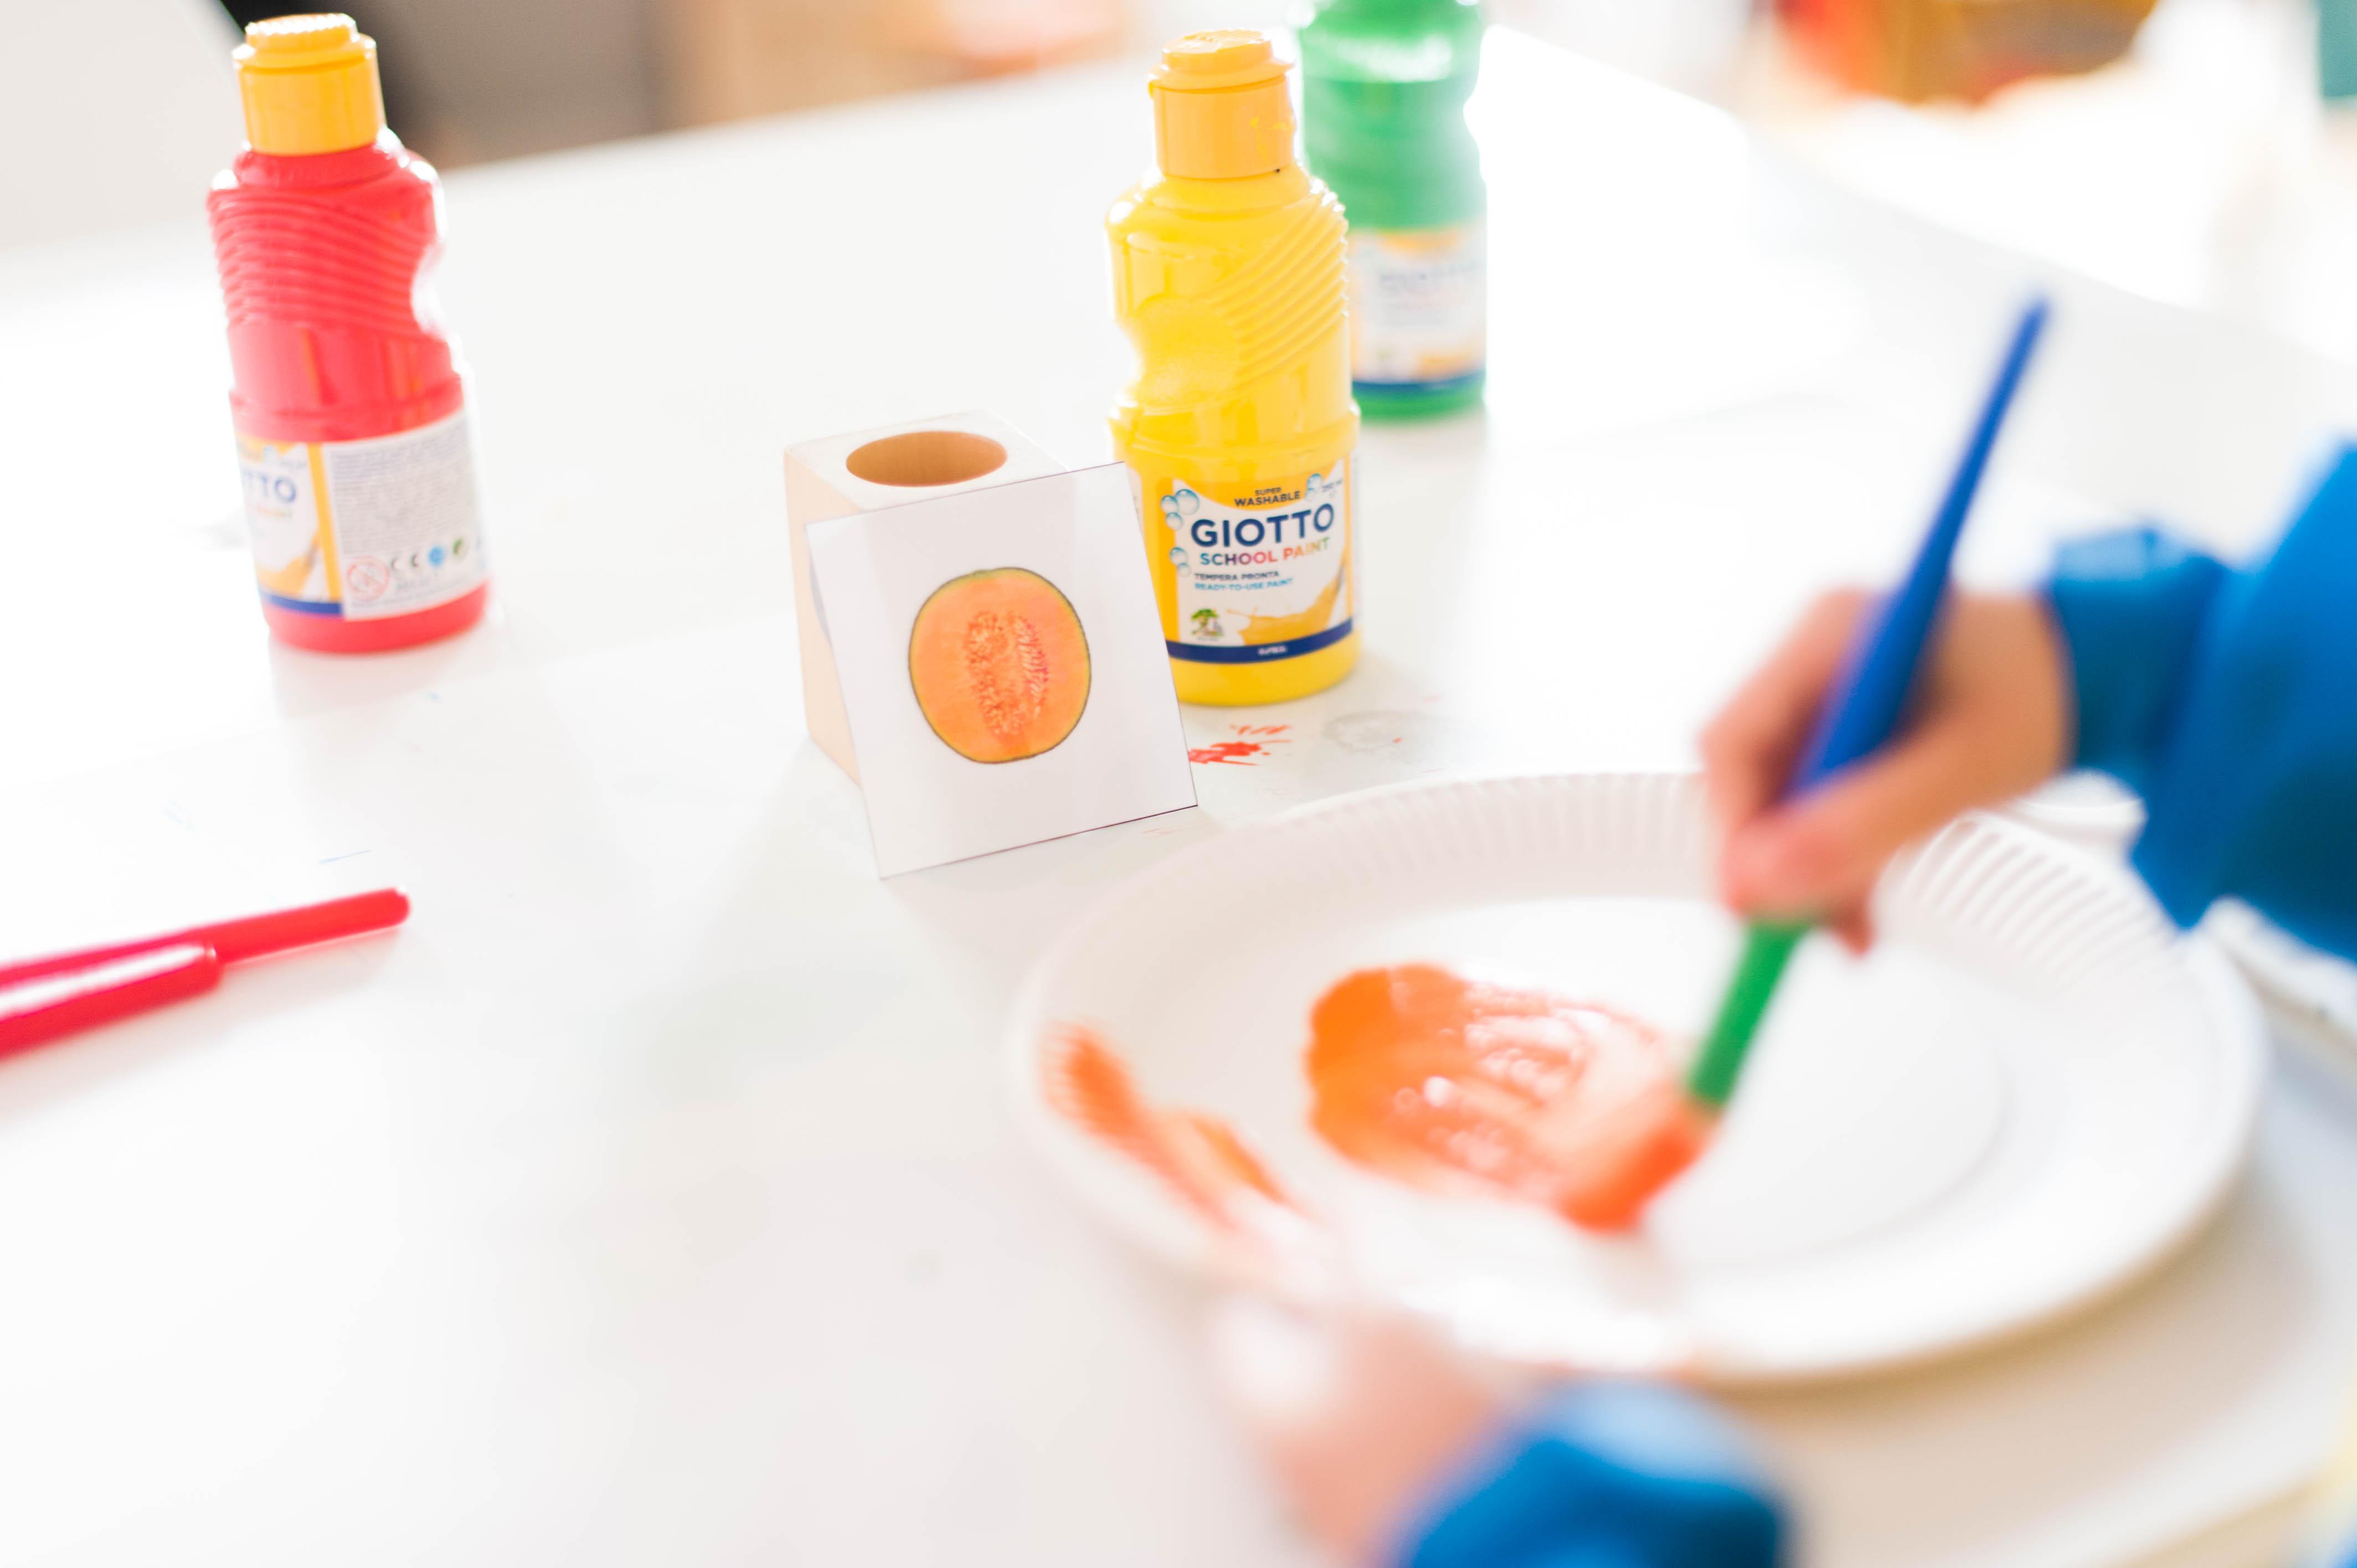 Une activité fruitée – de la peinture autour des fruits